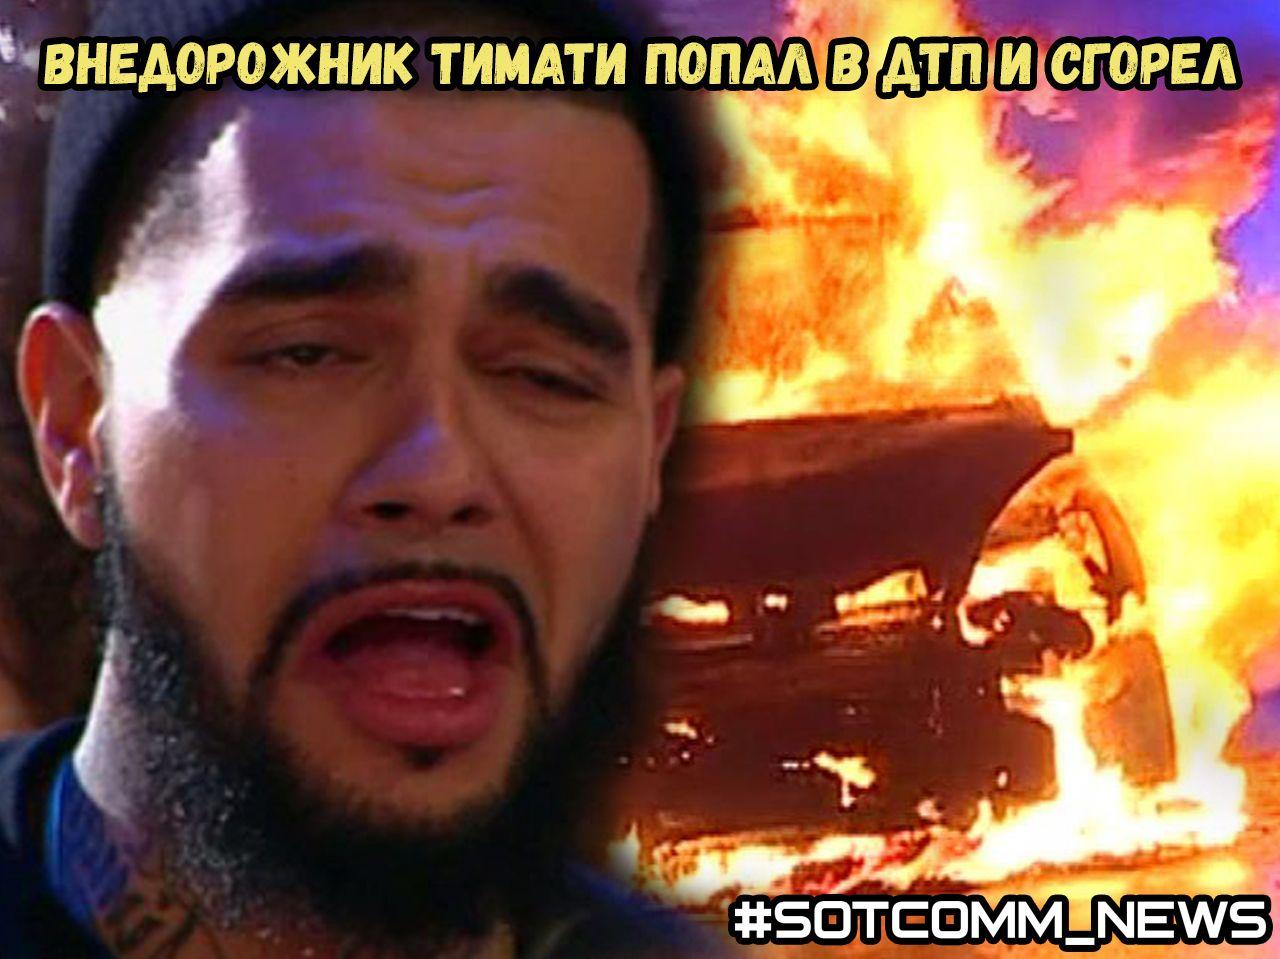 Внедорожник Тимати попал в ДТП и сгорел